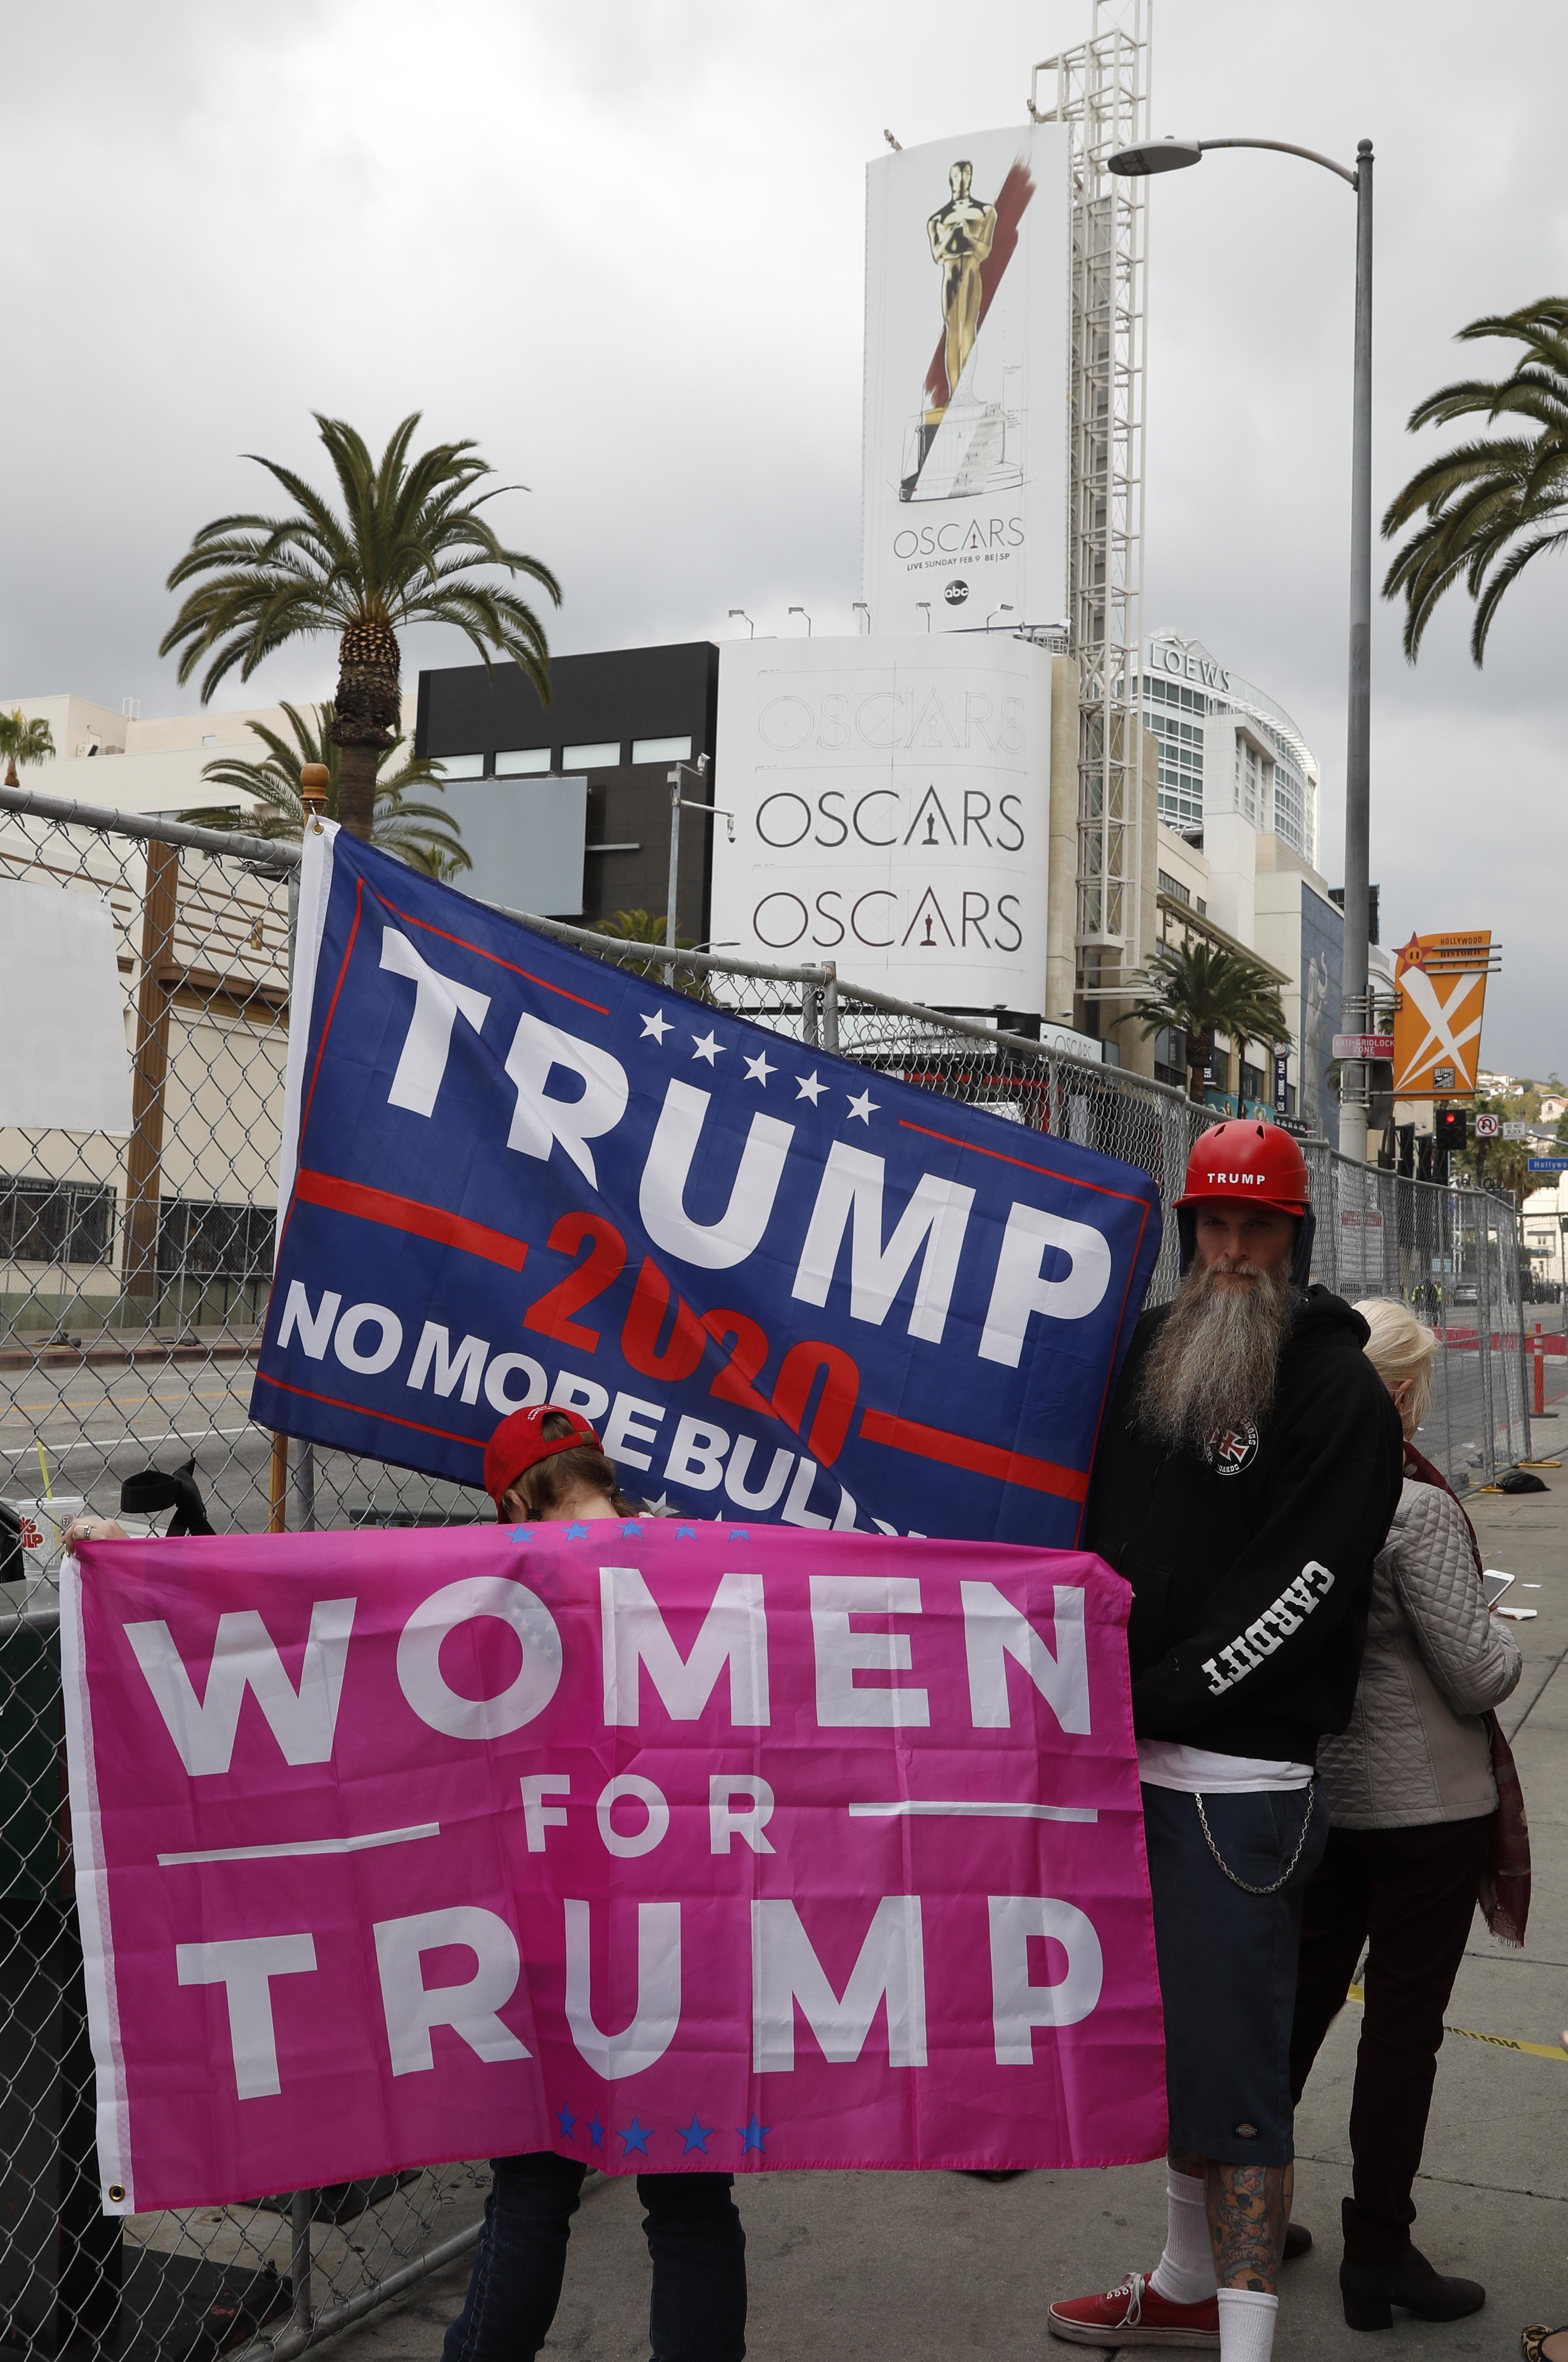 لافتات داعمة لترامب أمام حفل الأوسكار